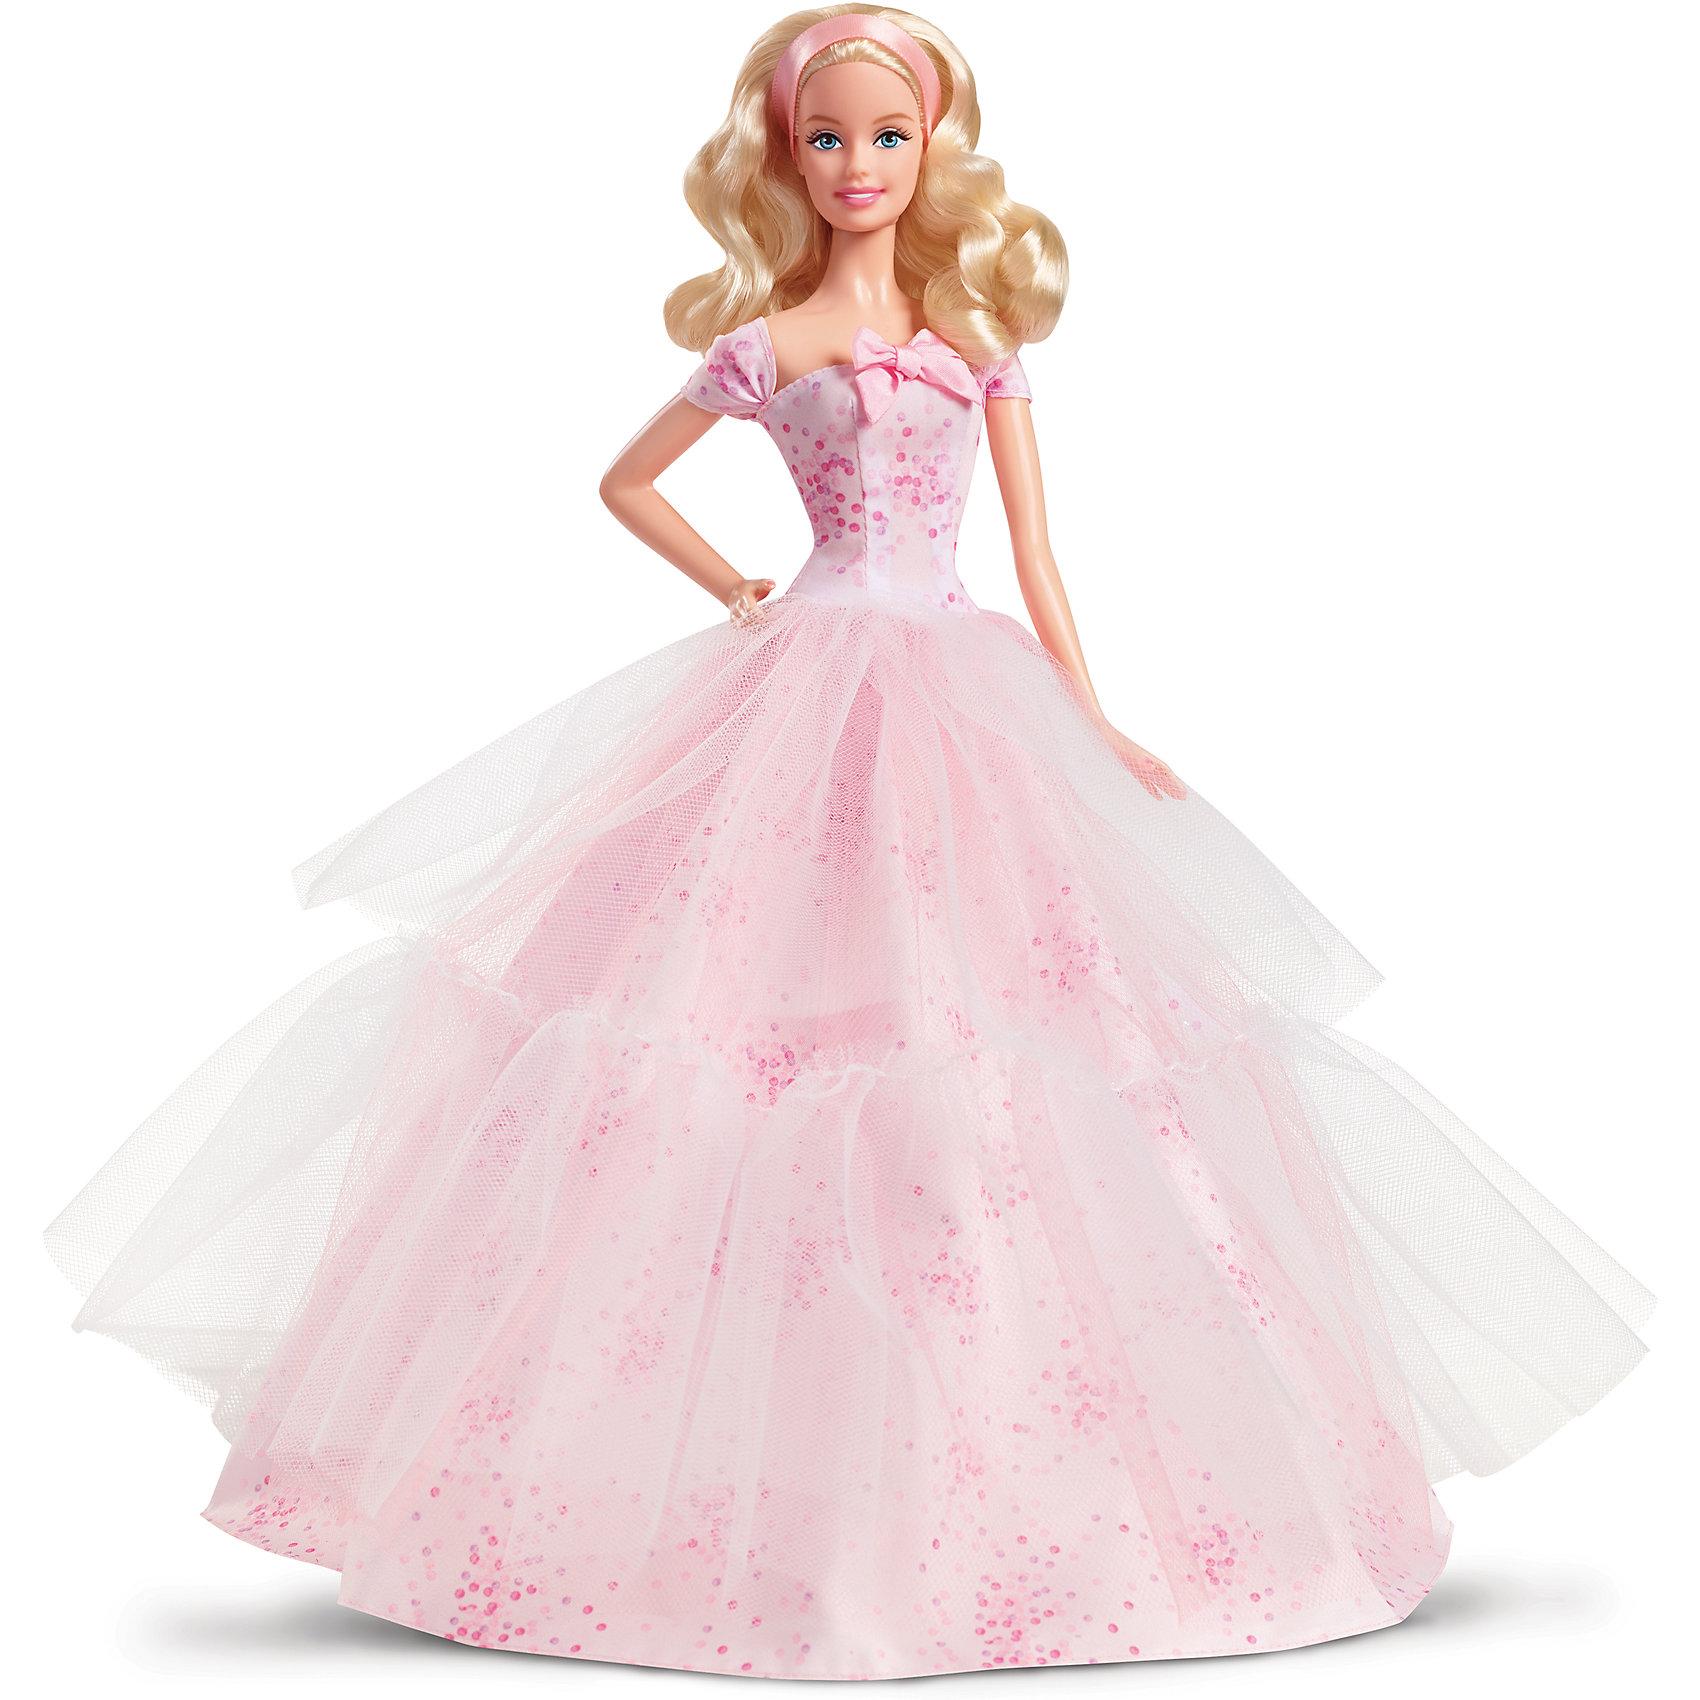 Коллекционная кукла Пожелания ко Дню рождения, BarbieЭта прекрасная кукла станет замечательным подарком! Красавица-Барби одета в невероятное розовое платье с воздушной пышной юбкой и приталенным лифом. Наряд дополняет изысканный бант на поясе. Светлые волосы куклы мягкие и послушные, они завиты и уложены в простую, но стильную прическу. В комплект входит подставка, с помощью нее кукла может стоять. Эта красивая Барби обязательно займет свое достойное и почетное место в коллекции! <br><br>Дополнительная информация:<br><br>- Материал: пластик.<br>- Высота: 29 см.<br>- Комплектация: кукла в одежде и обуви, подставка.<br>- Голова, руки, ноги куклы подвижные. <br><br>Коллекционную куклу Пожелания ко Дню рождения, Barbie (Барби), можно купить в нашем магазине.<br><br>Ширина мм: 75<br>Глубина мм: 230<br>Высота мм: 330<br>Вес г: 609<br>Возраст от месяцев: 36<br>Возраст до месяцев: 72<br>Пол: Женский<br>Возраст: Детский<br>SKU: 4500790